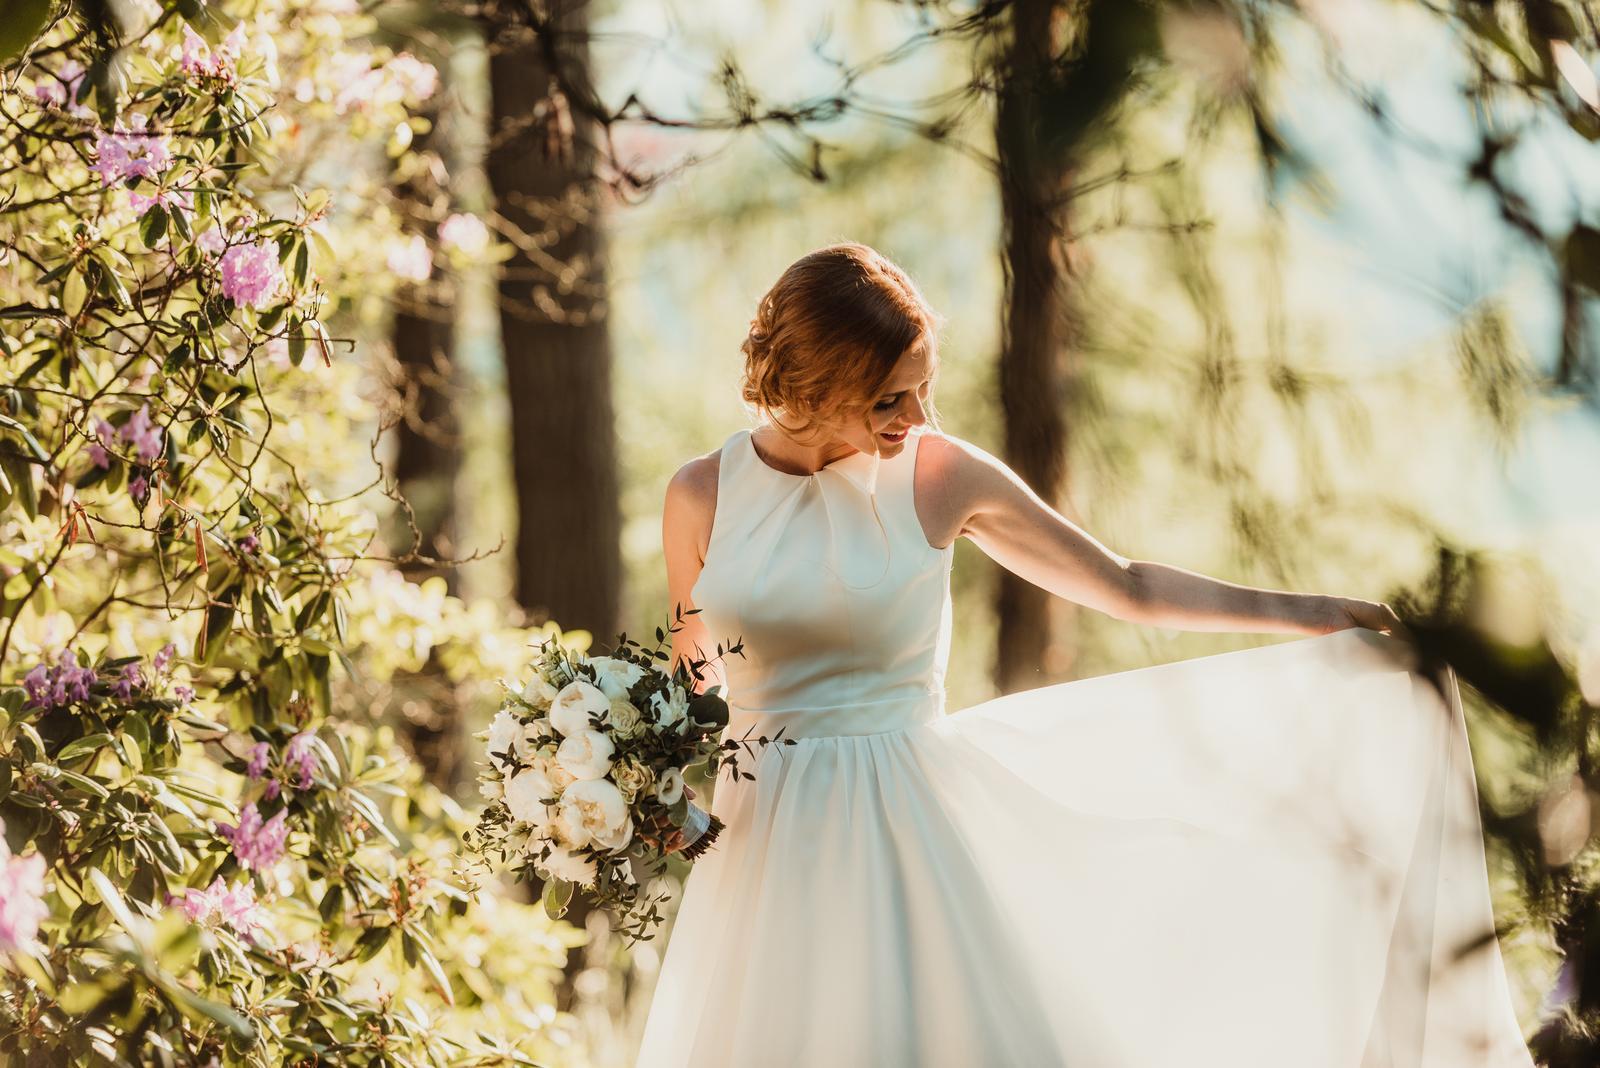 Hladké svatební šaty vel 36 - Obrázek č. 2